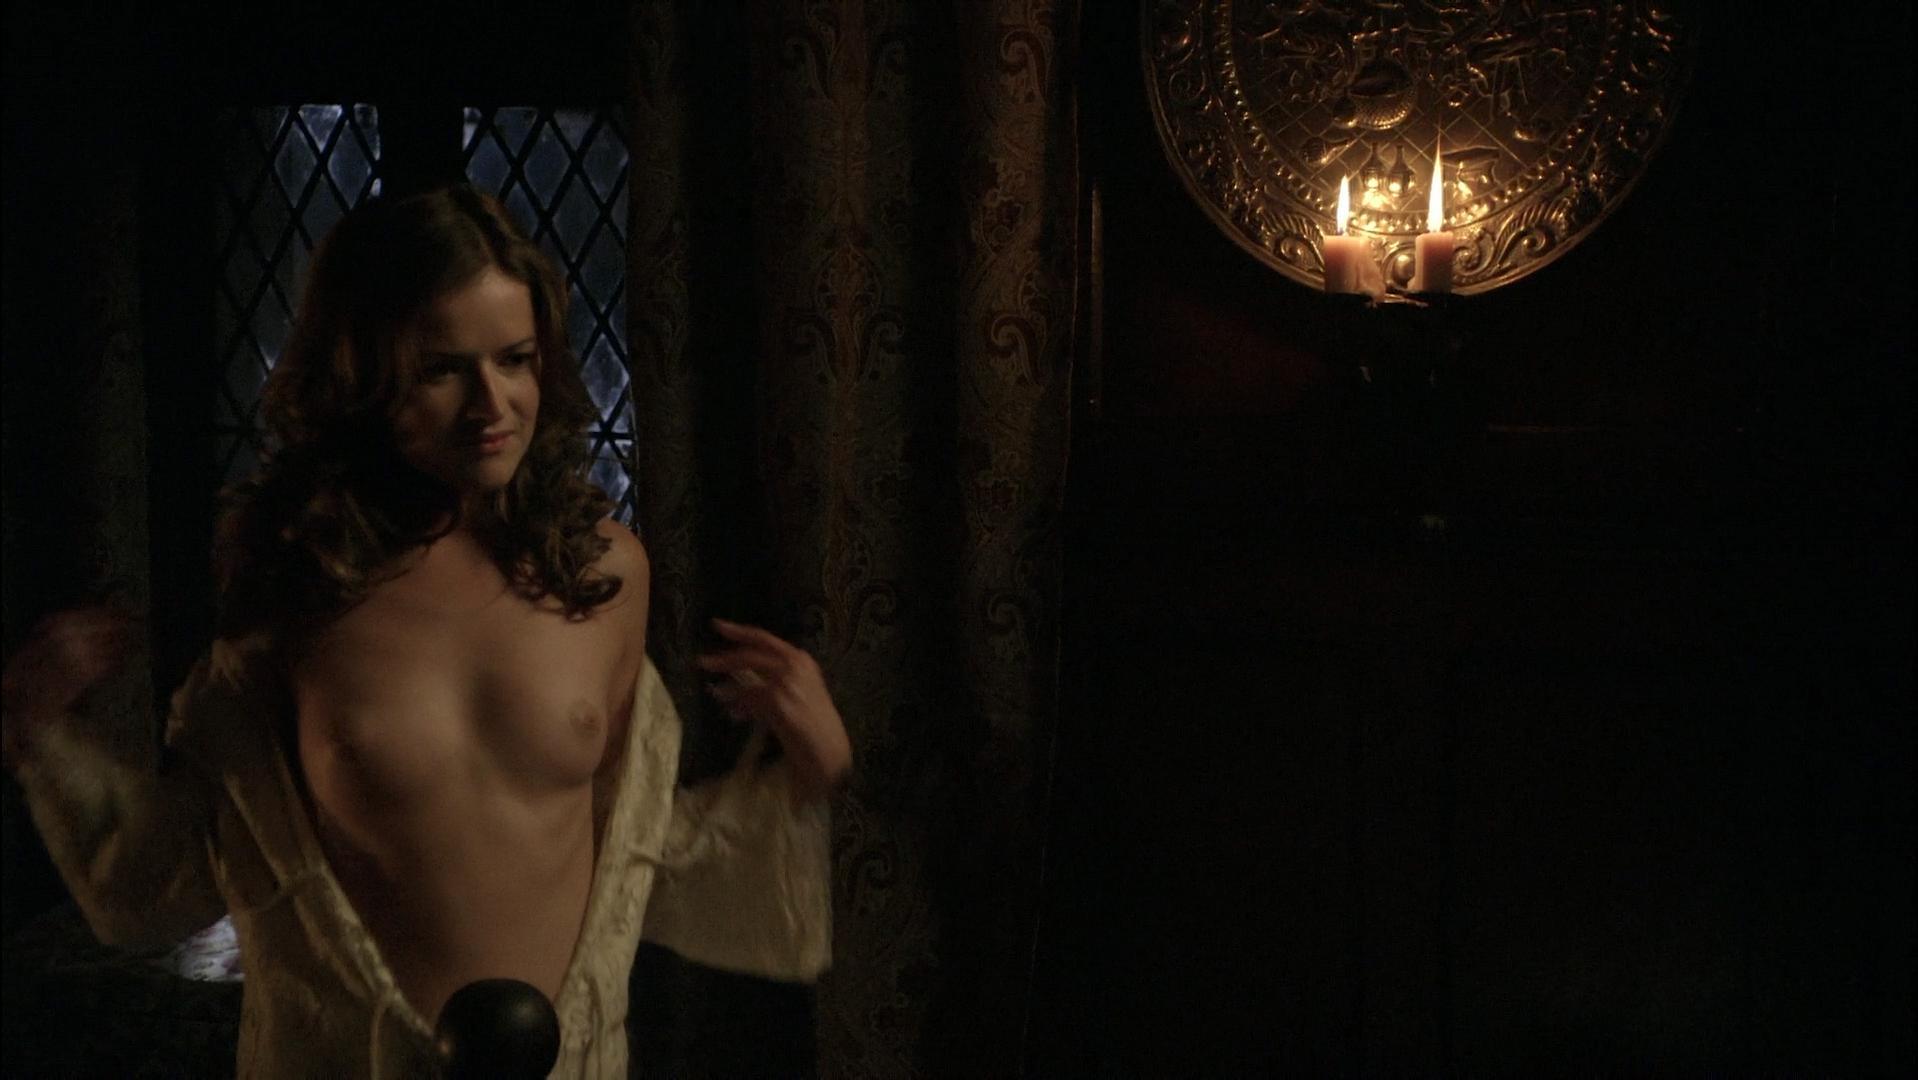 joanne king sex